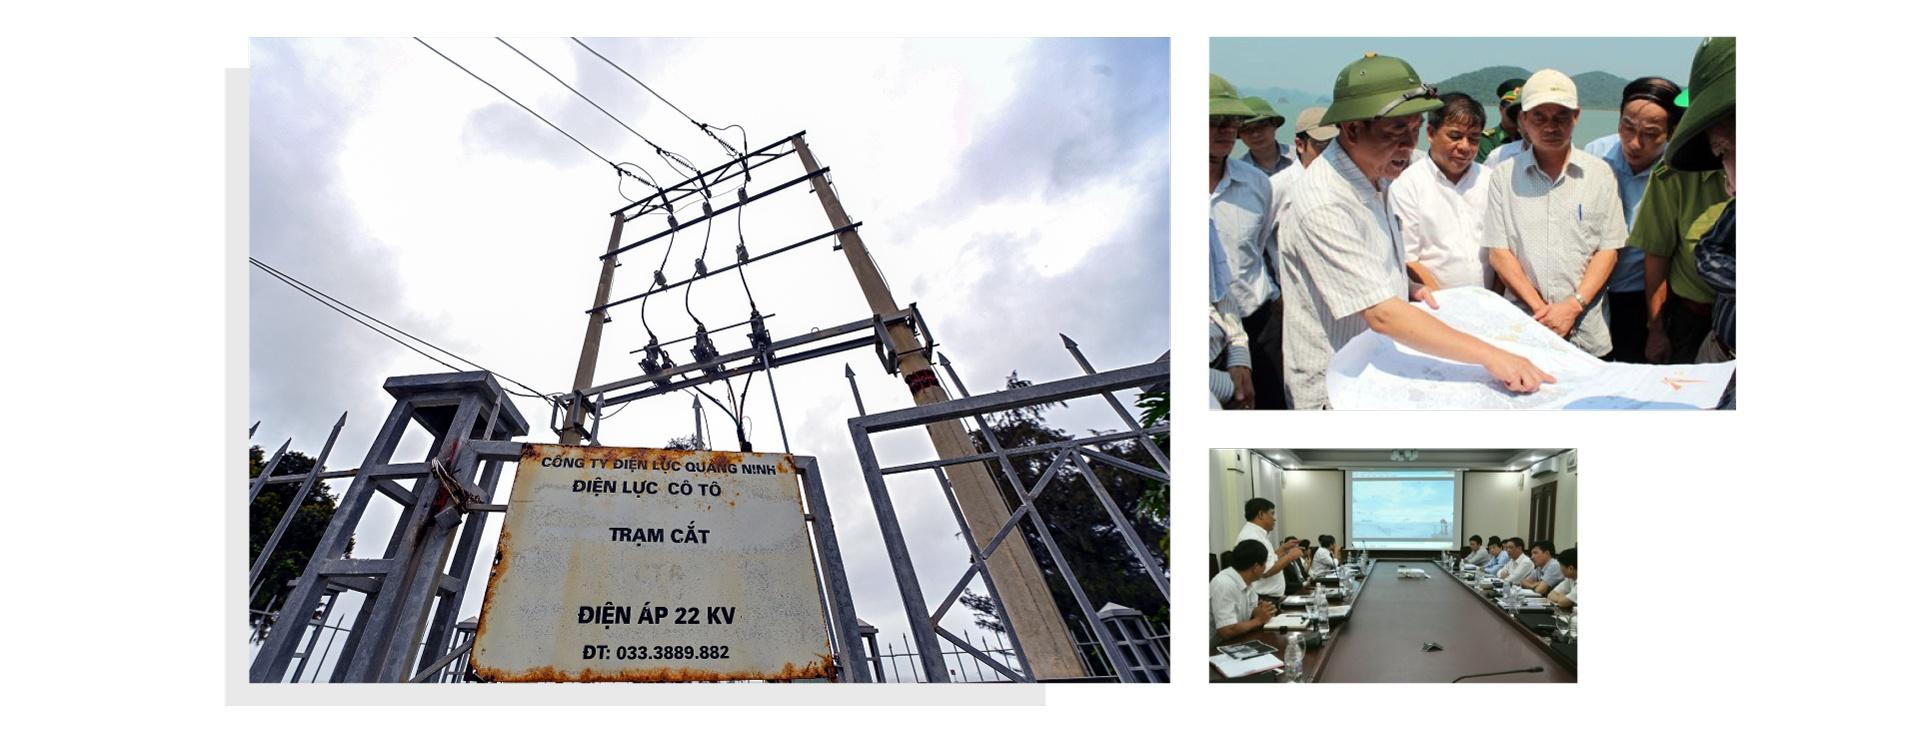 - anh_ghep_2 - Tầm nhìn từ việc đưa điện lưới ra đảo đầu tiên ở Việt Nam